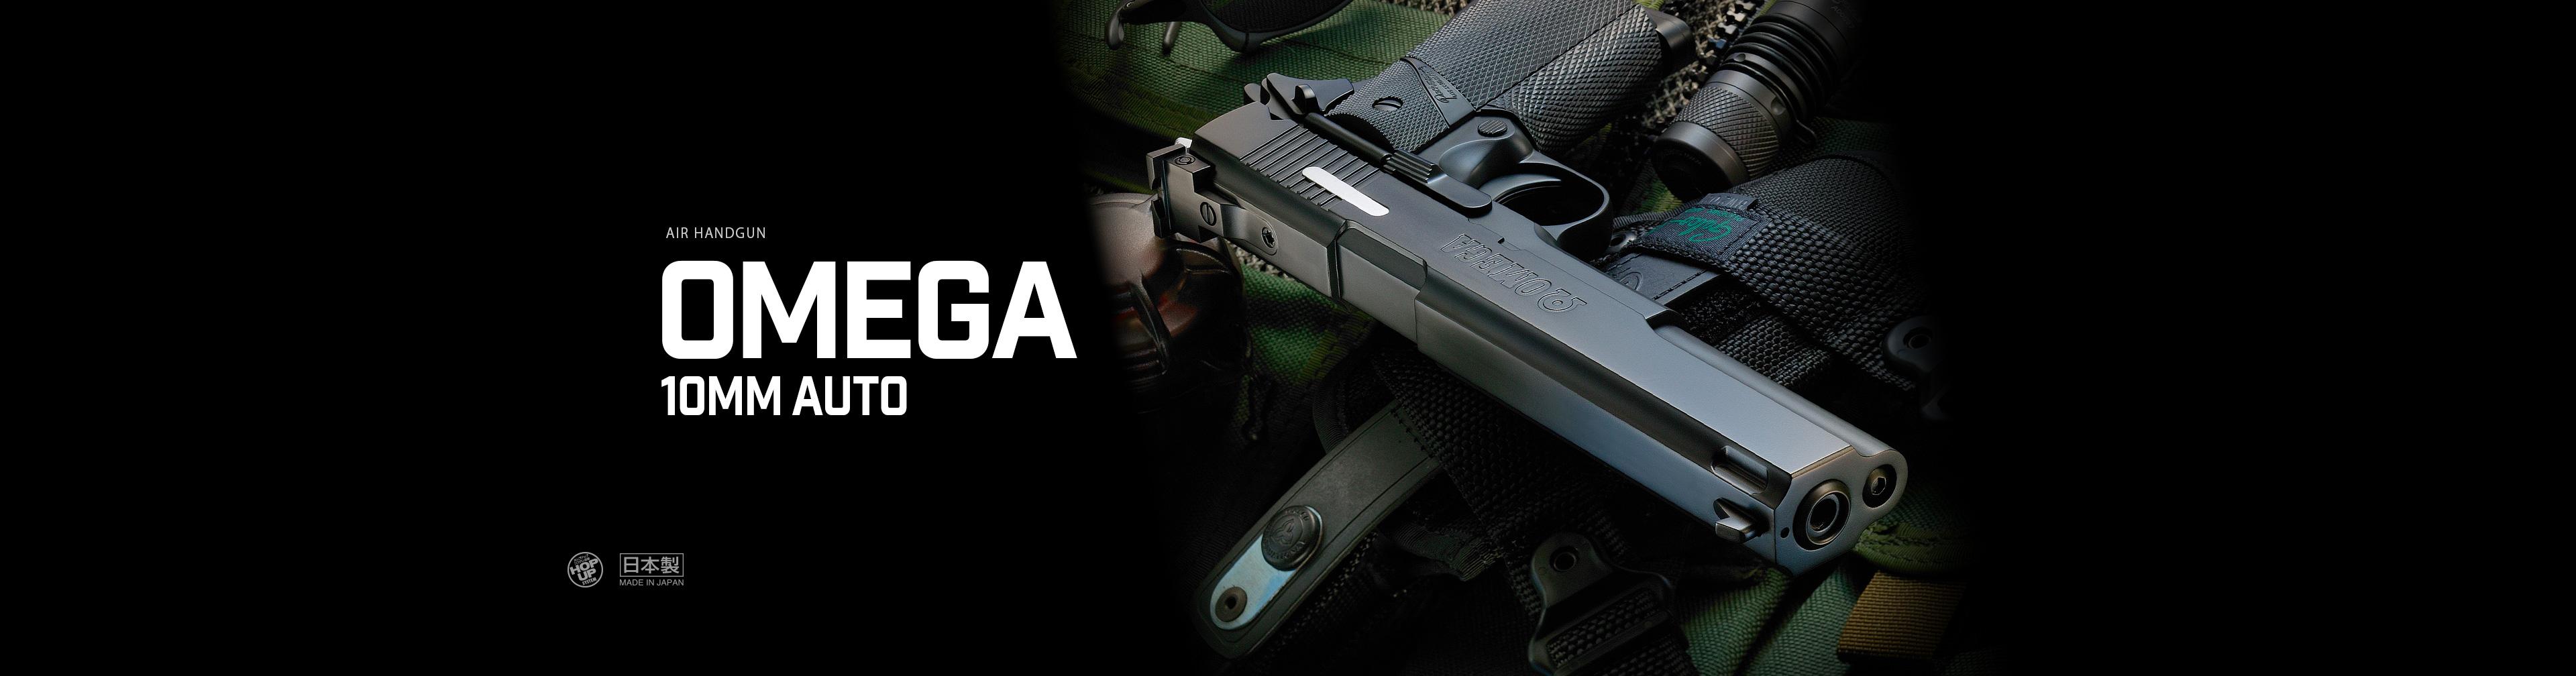 オメガ 10mmオート【ホップアップ】